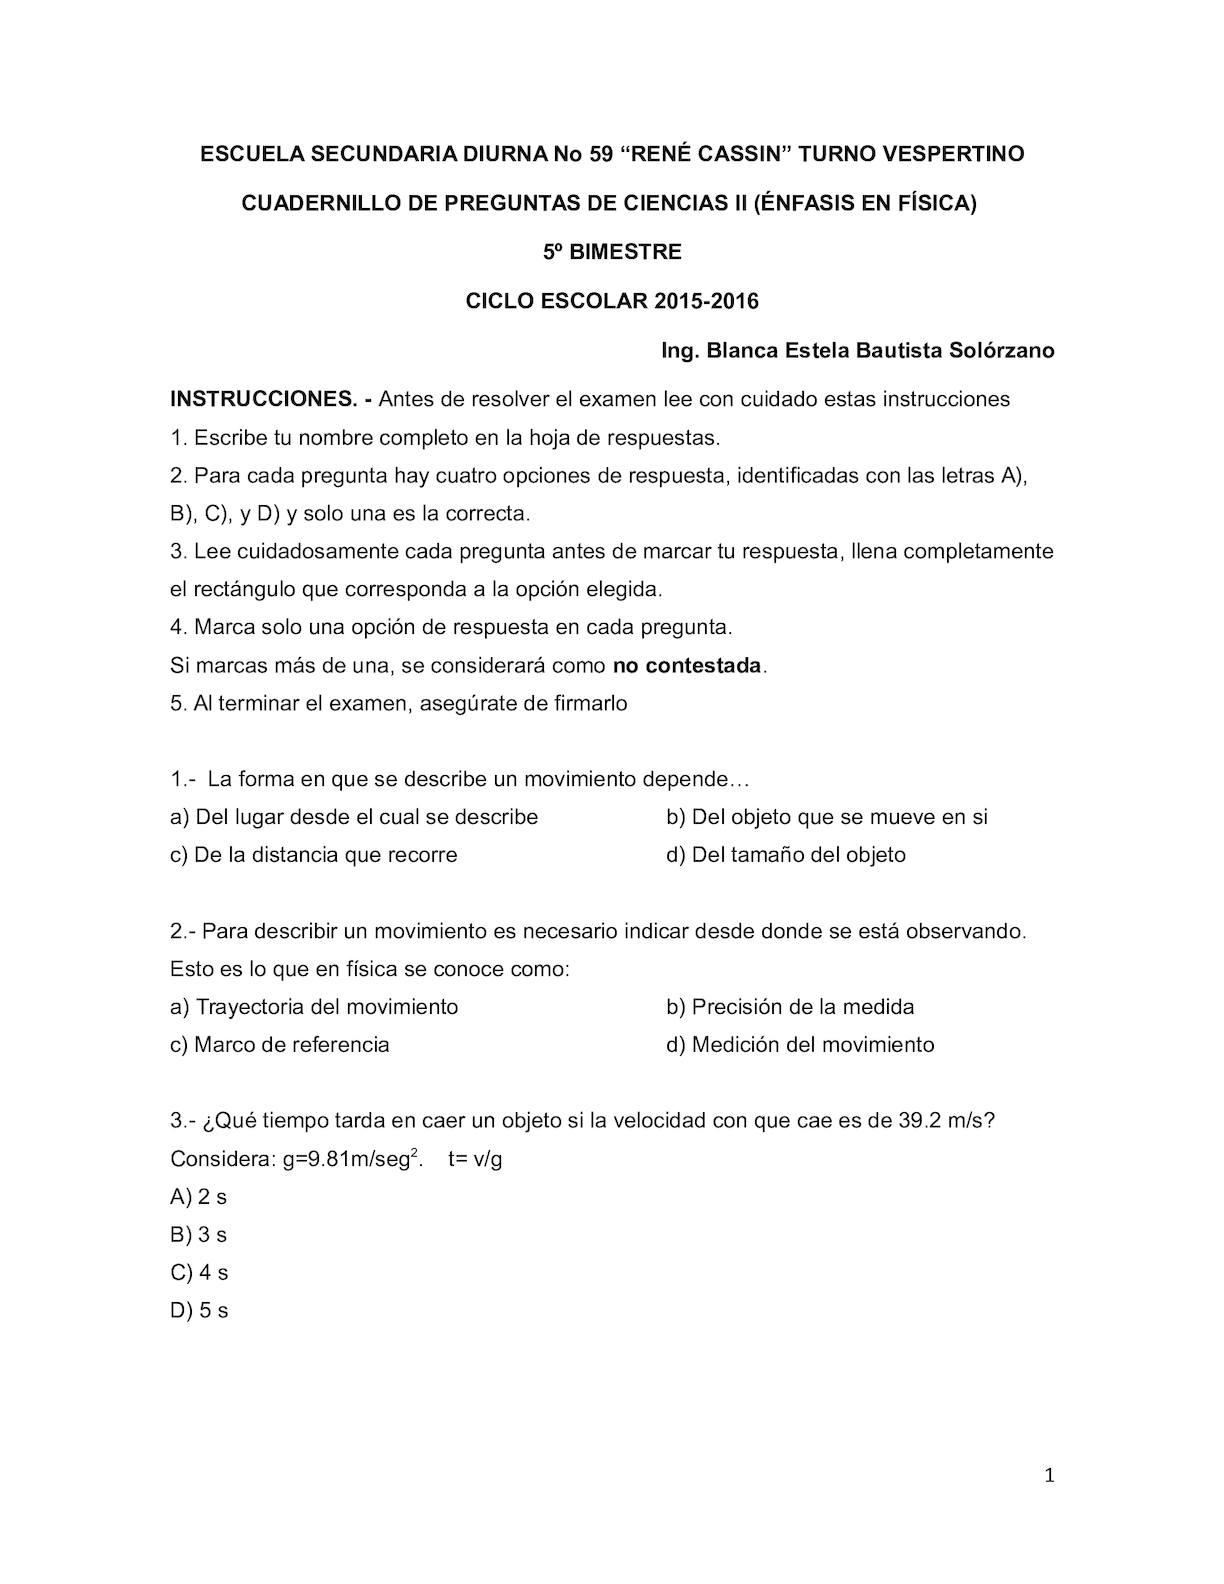 Examen Final Ciencias II